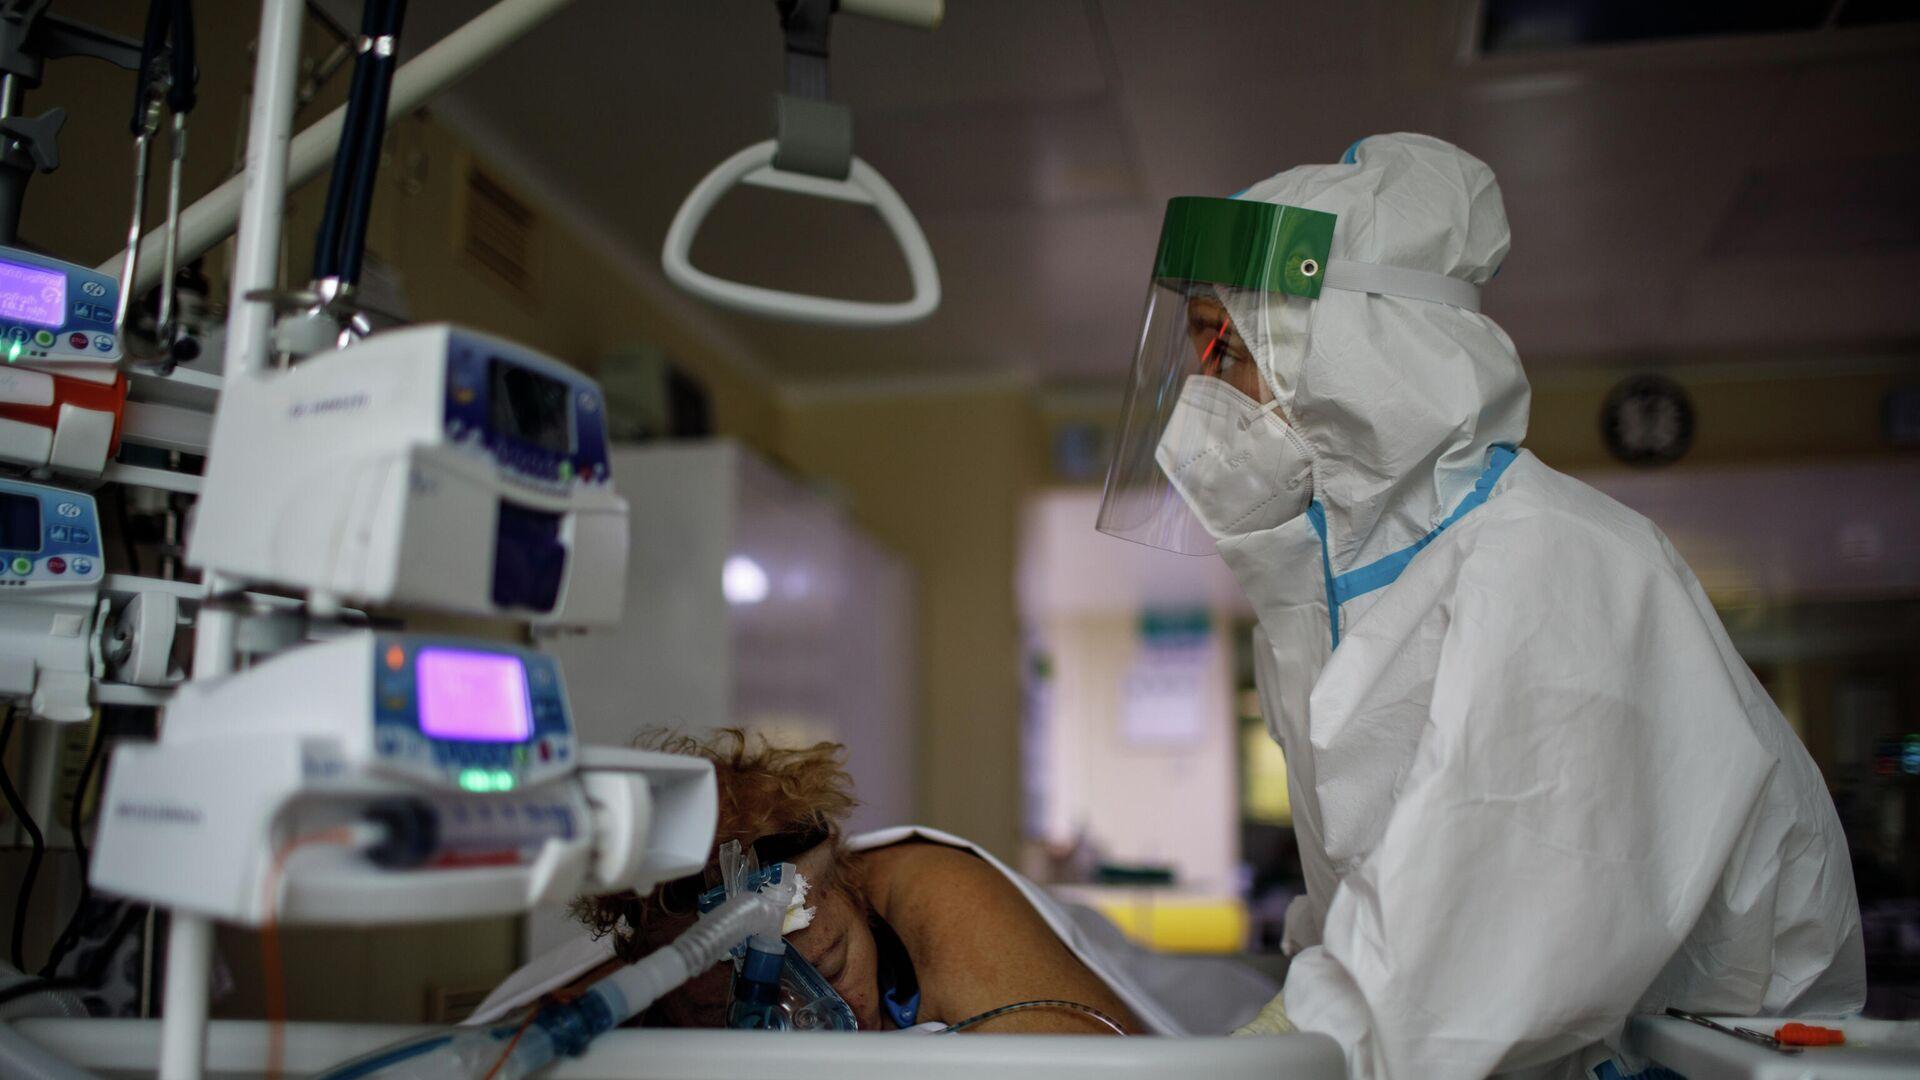 Медицинский работник оказывает помощь пациенту с COVID-19 в отделении реанимации и интенсивной терапии городской клинической больницы № 52 - РИА Новости, 1920, 16.10.2020